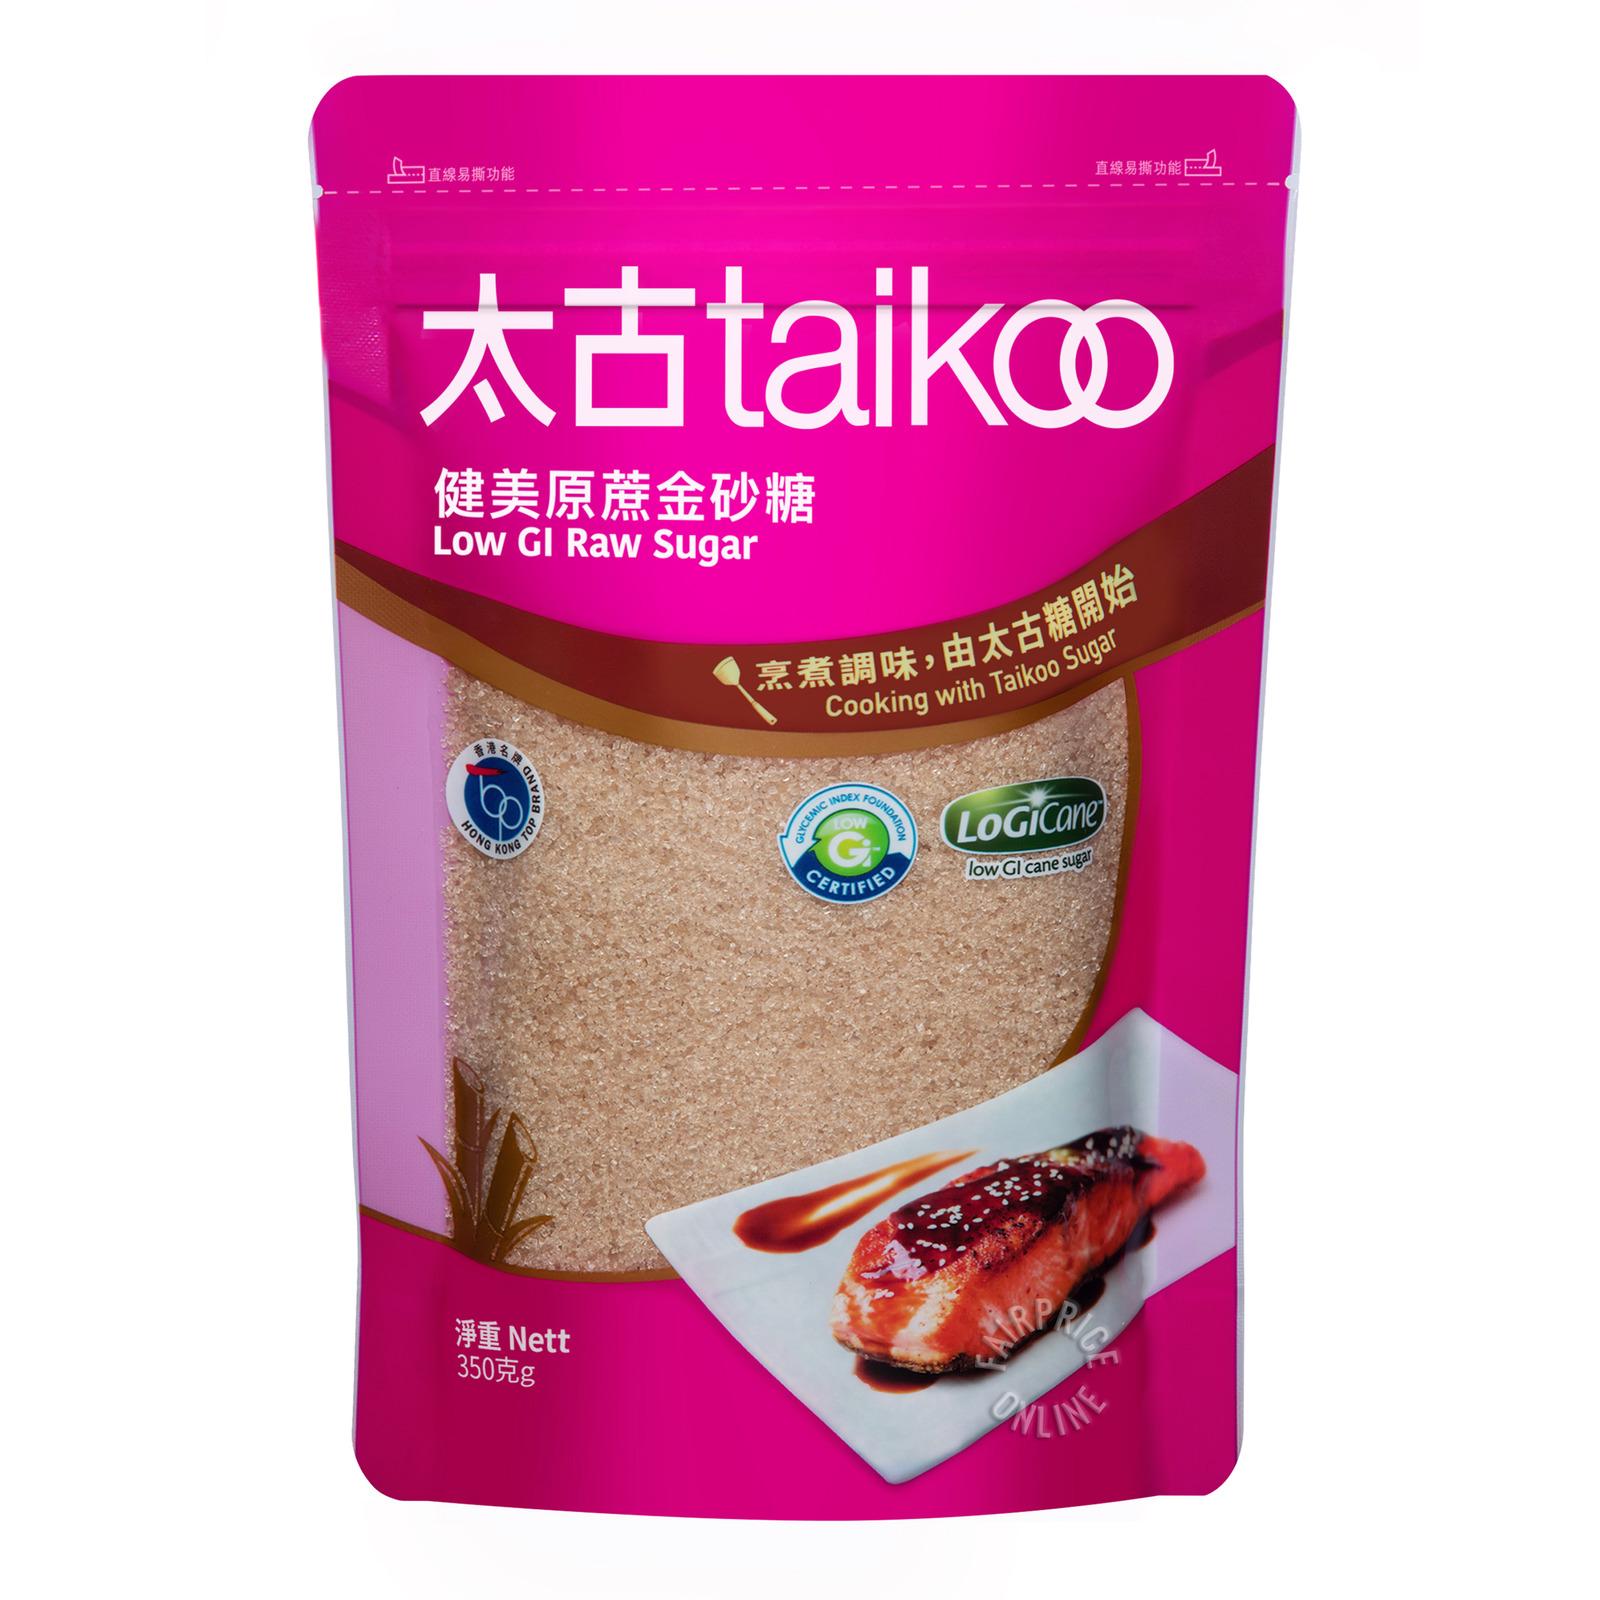 TAIKOO Low Gi Raw Sugar 350g